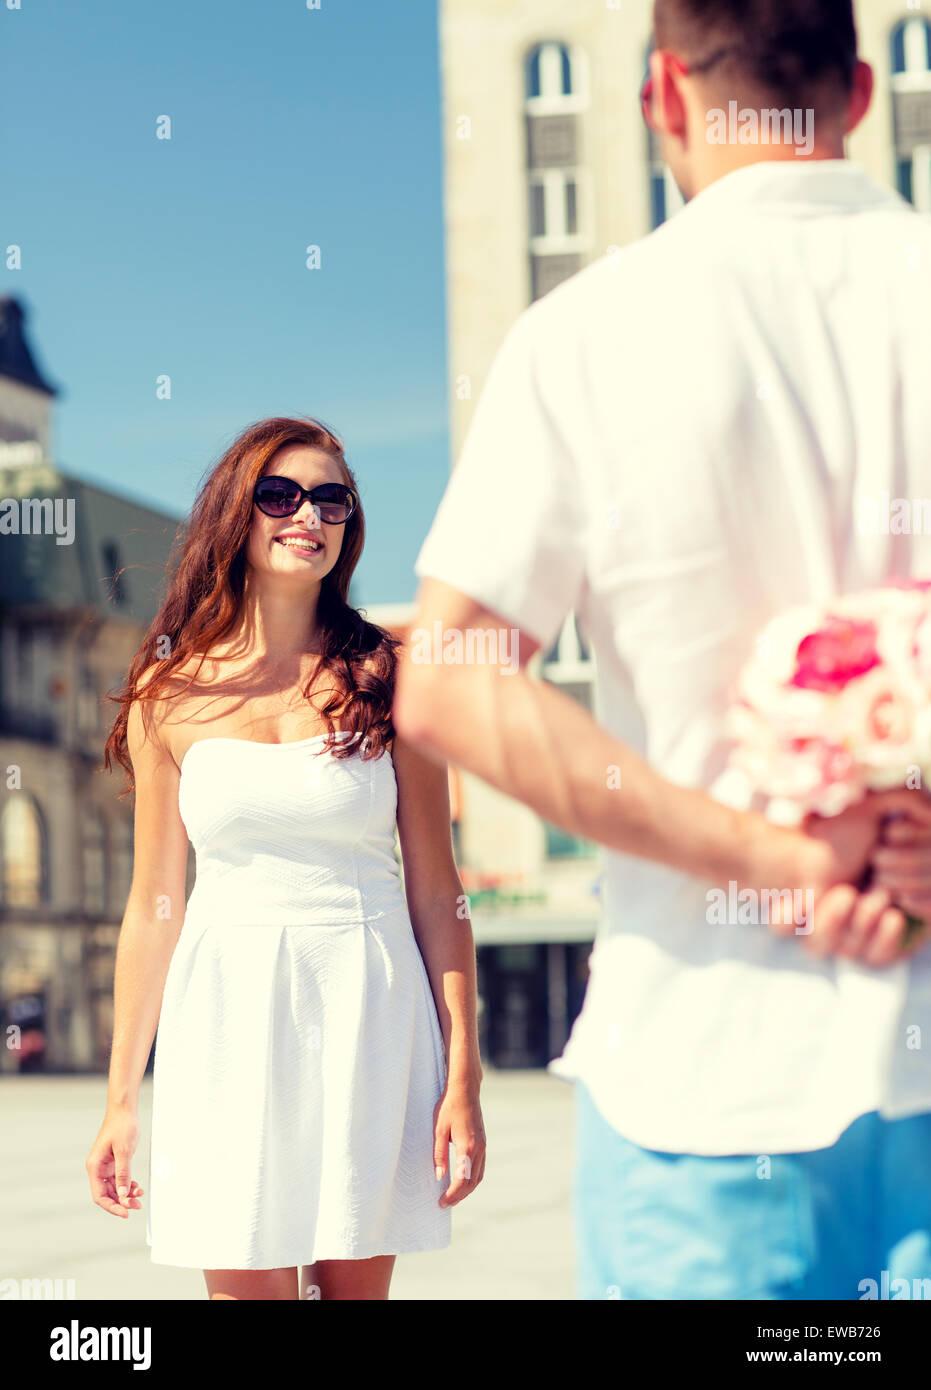 Coppia sorridente in città Immagini Stock